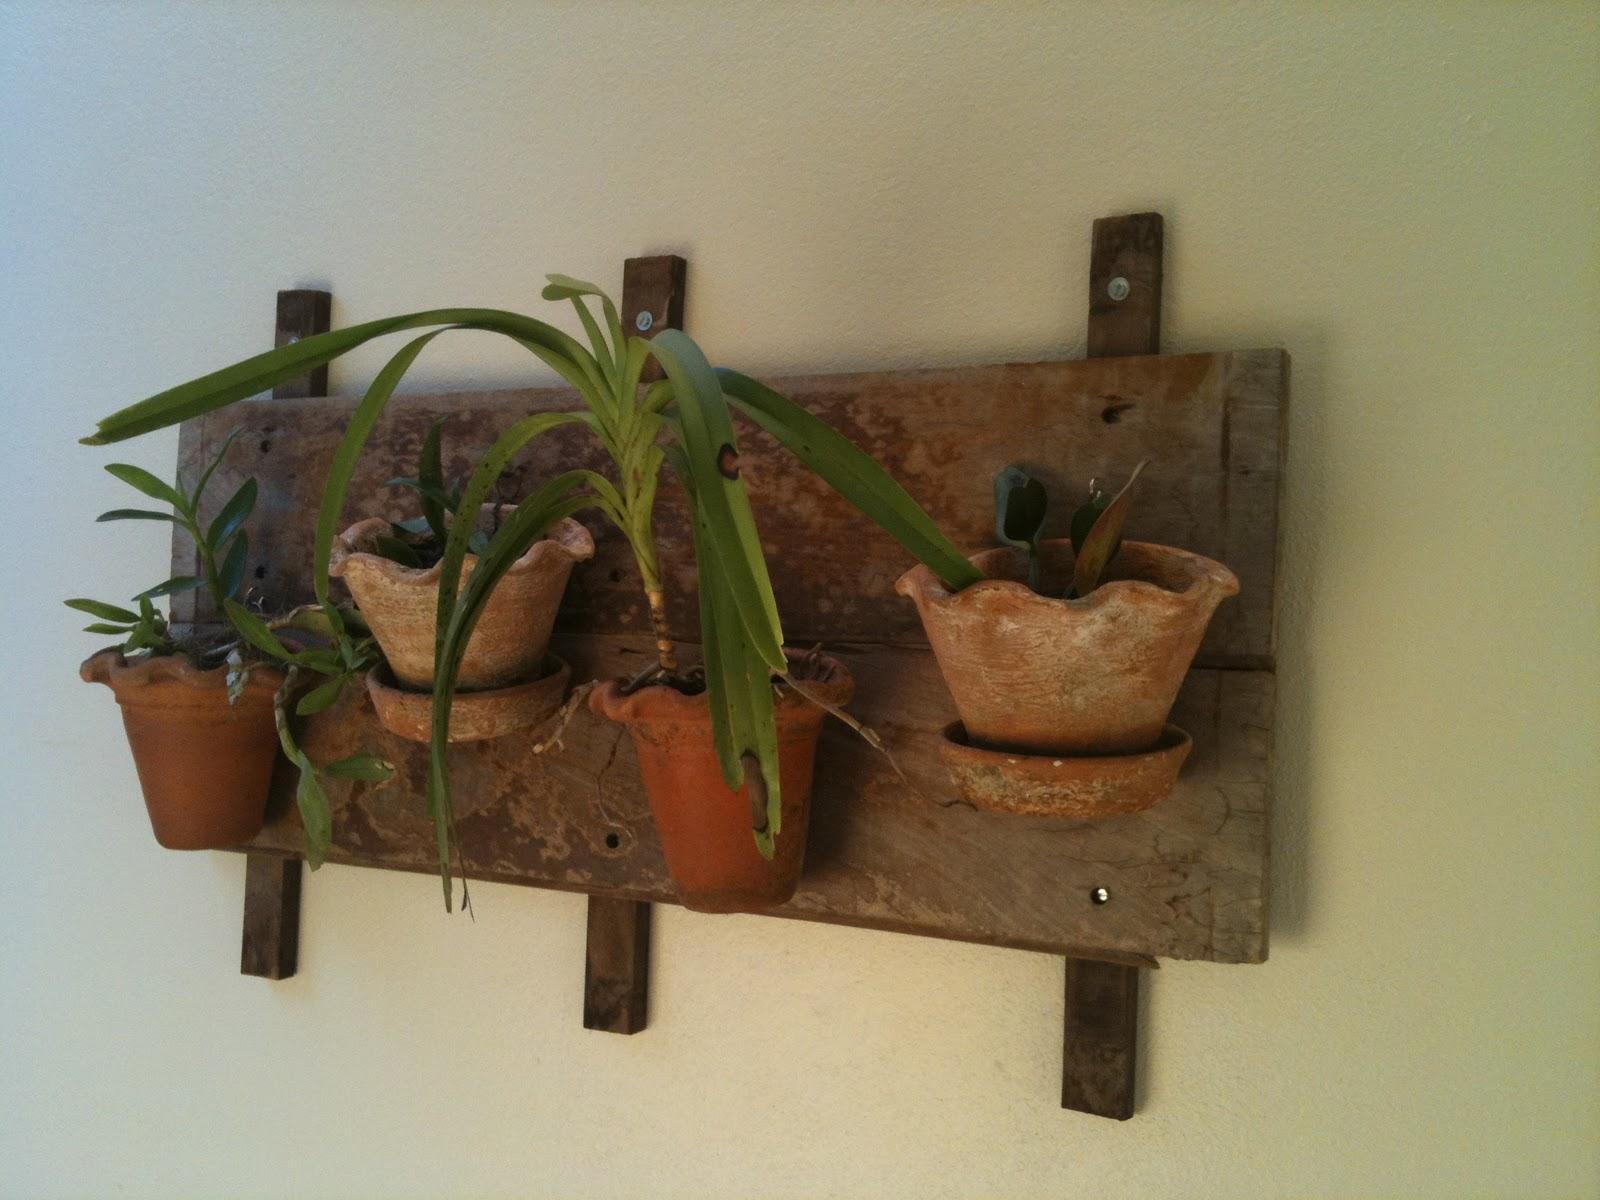 #654327 terça feira 14 de setembro de 2010 1600x1200 px caixas de madeira para orquideas @ bernauer.info Móveis Antigos Novos E Usados Online